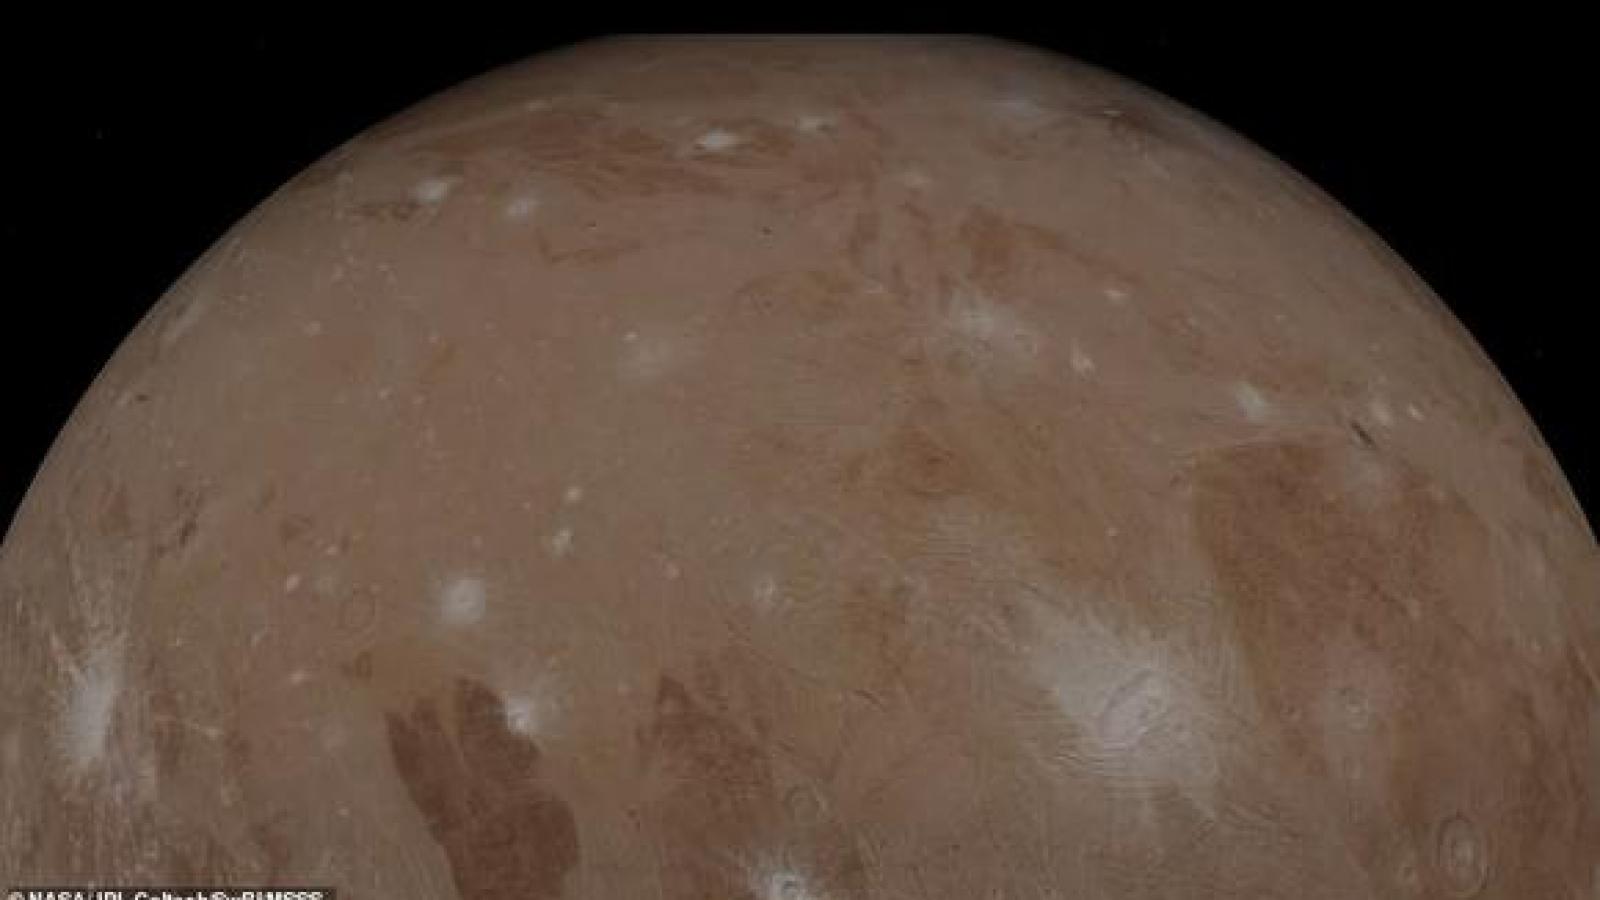 Chiêm ngưỡng hình ảnh ấn tượng về Sao Mộc và Mặt trăng Ganymede